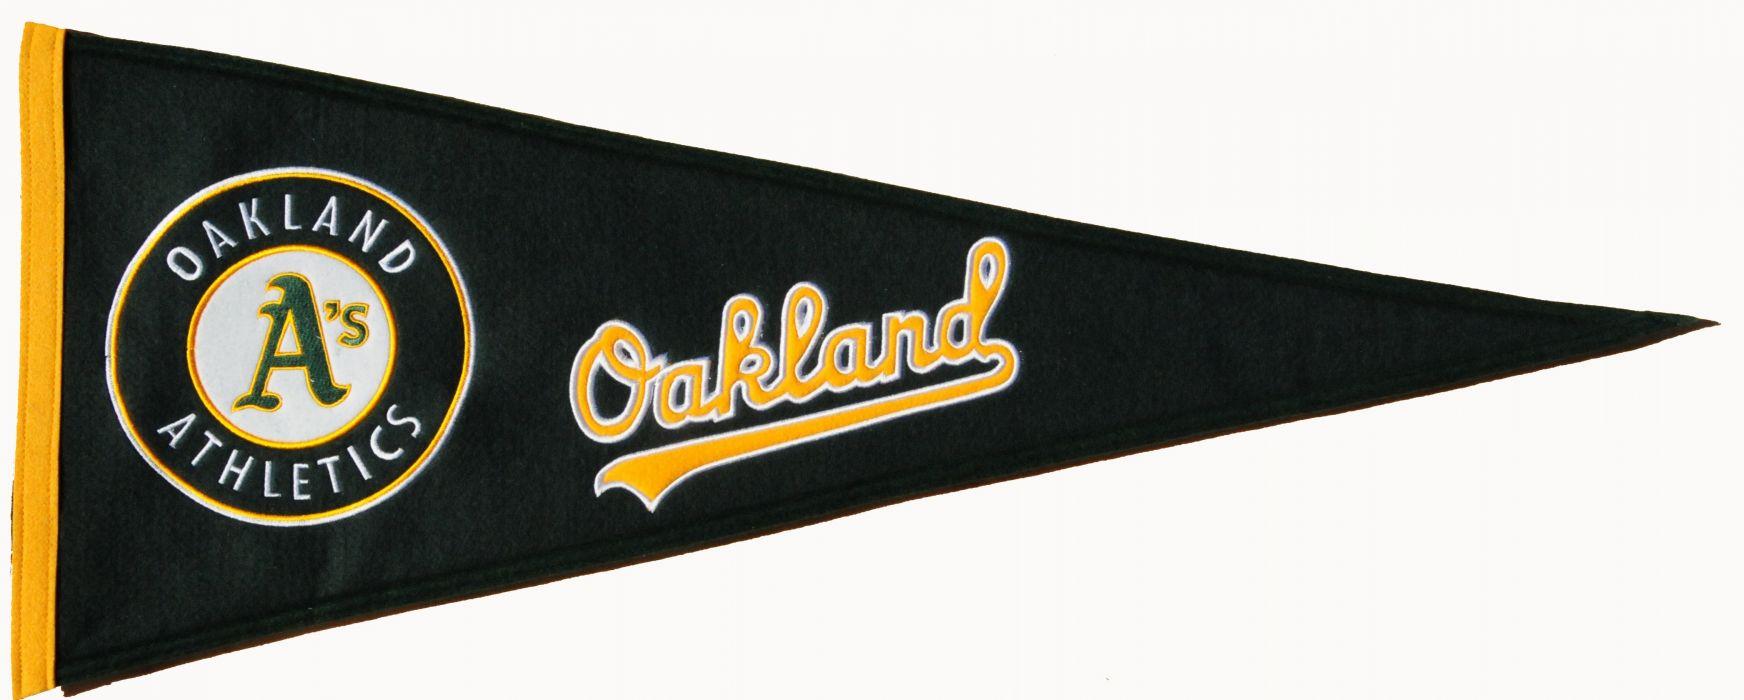 OAKLAND ATHLETICS mlb baseball (89) wallpaper